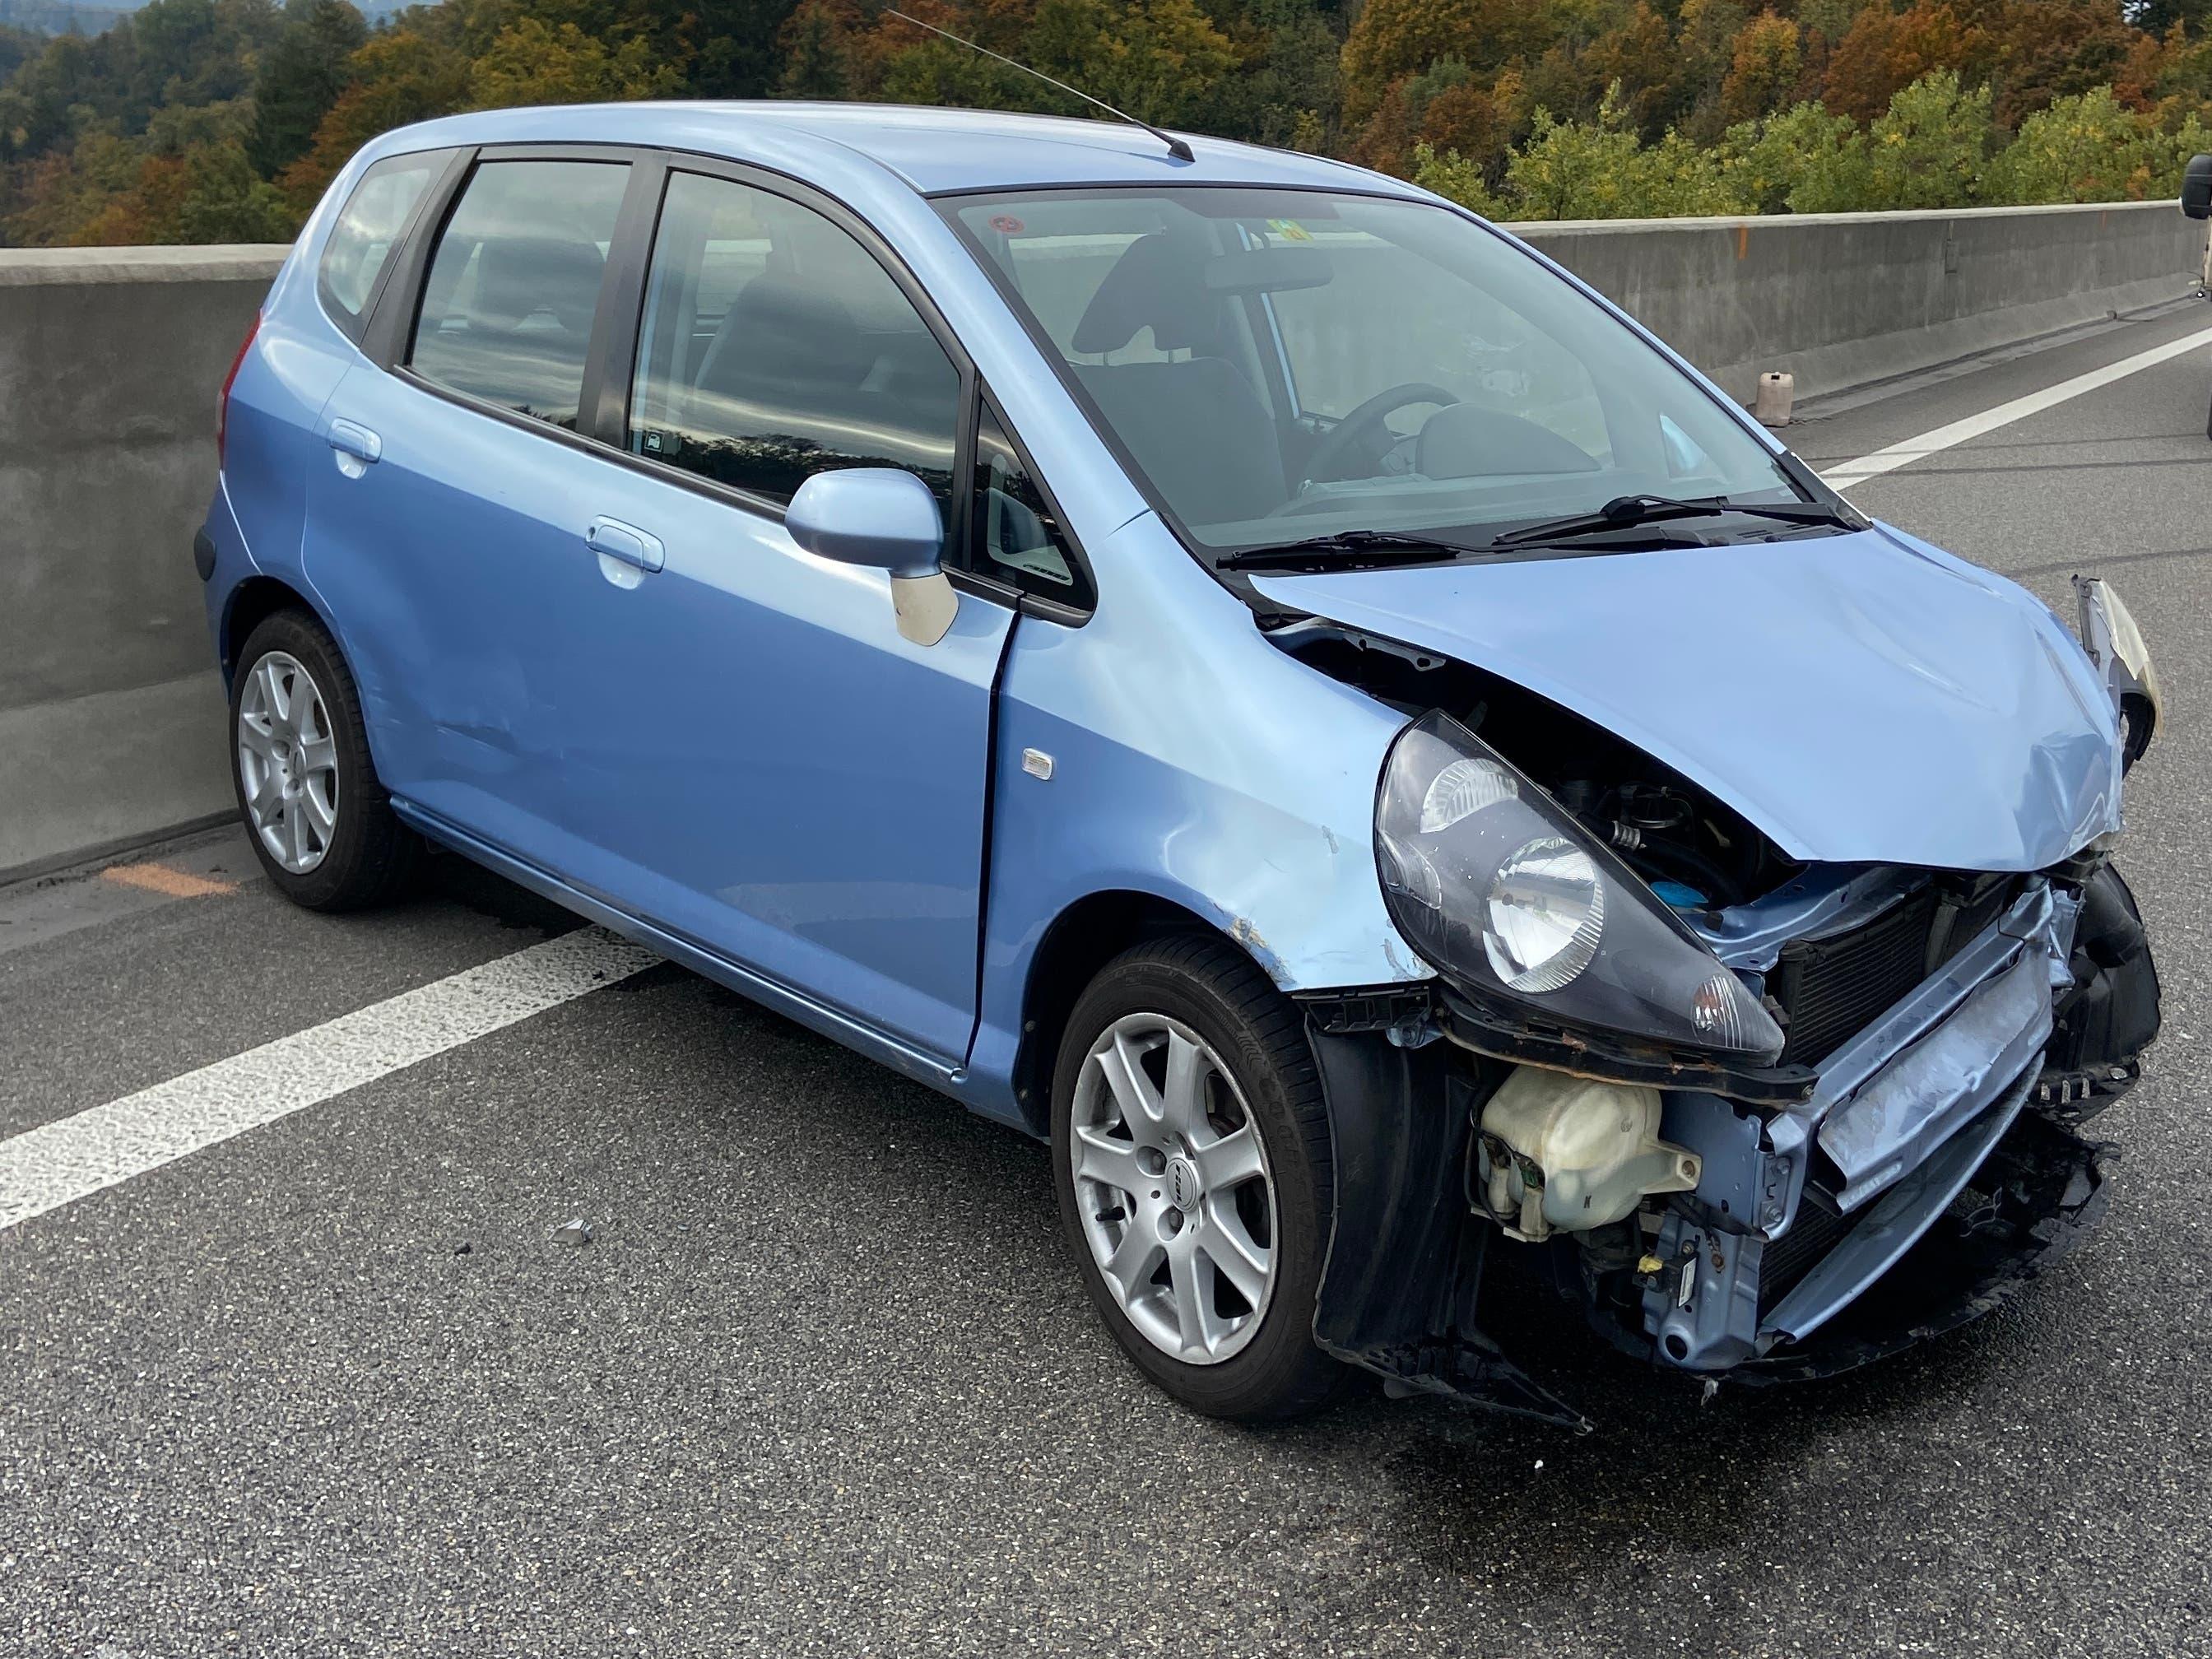 Mülligen, 19. Oktober: Wegen eines anderen Autos musste ein Automobilist auf der A1 ausweichen. Er prallte schleudernd gegen die Brückenmauer. Verletzt wurde niemand. Der andere Wagen fuhr weiter und wird gesucht.